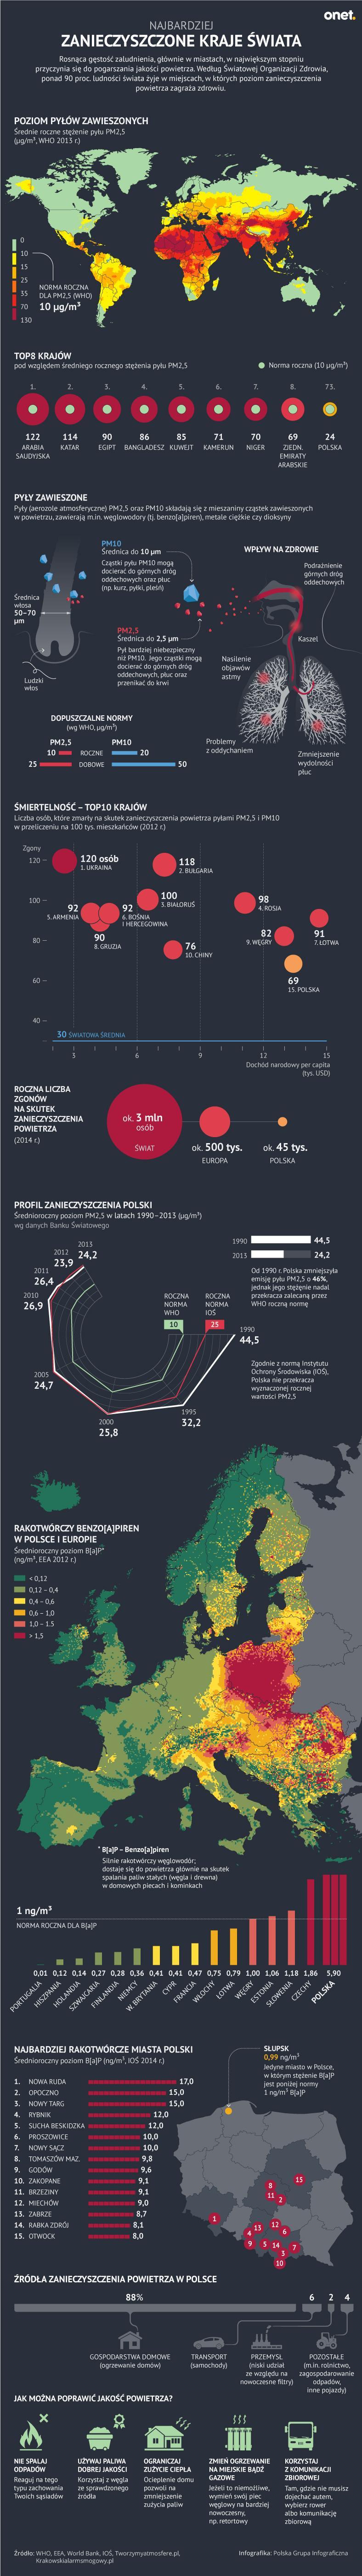 Zanieczyszczenie powietrza w krajach świata